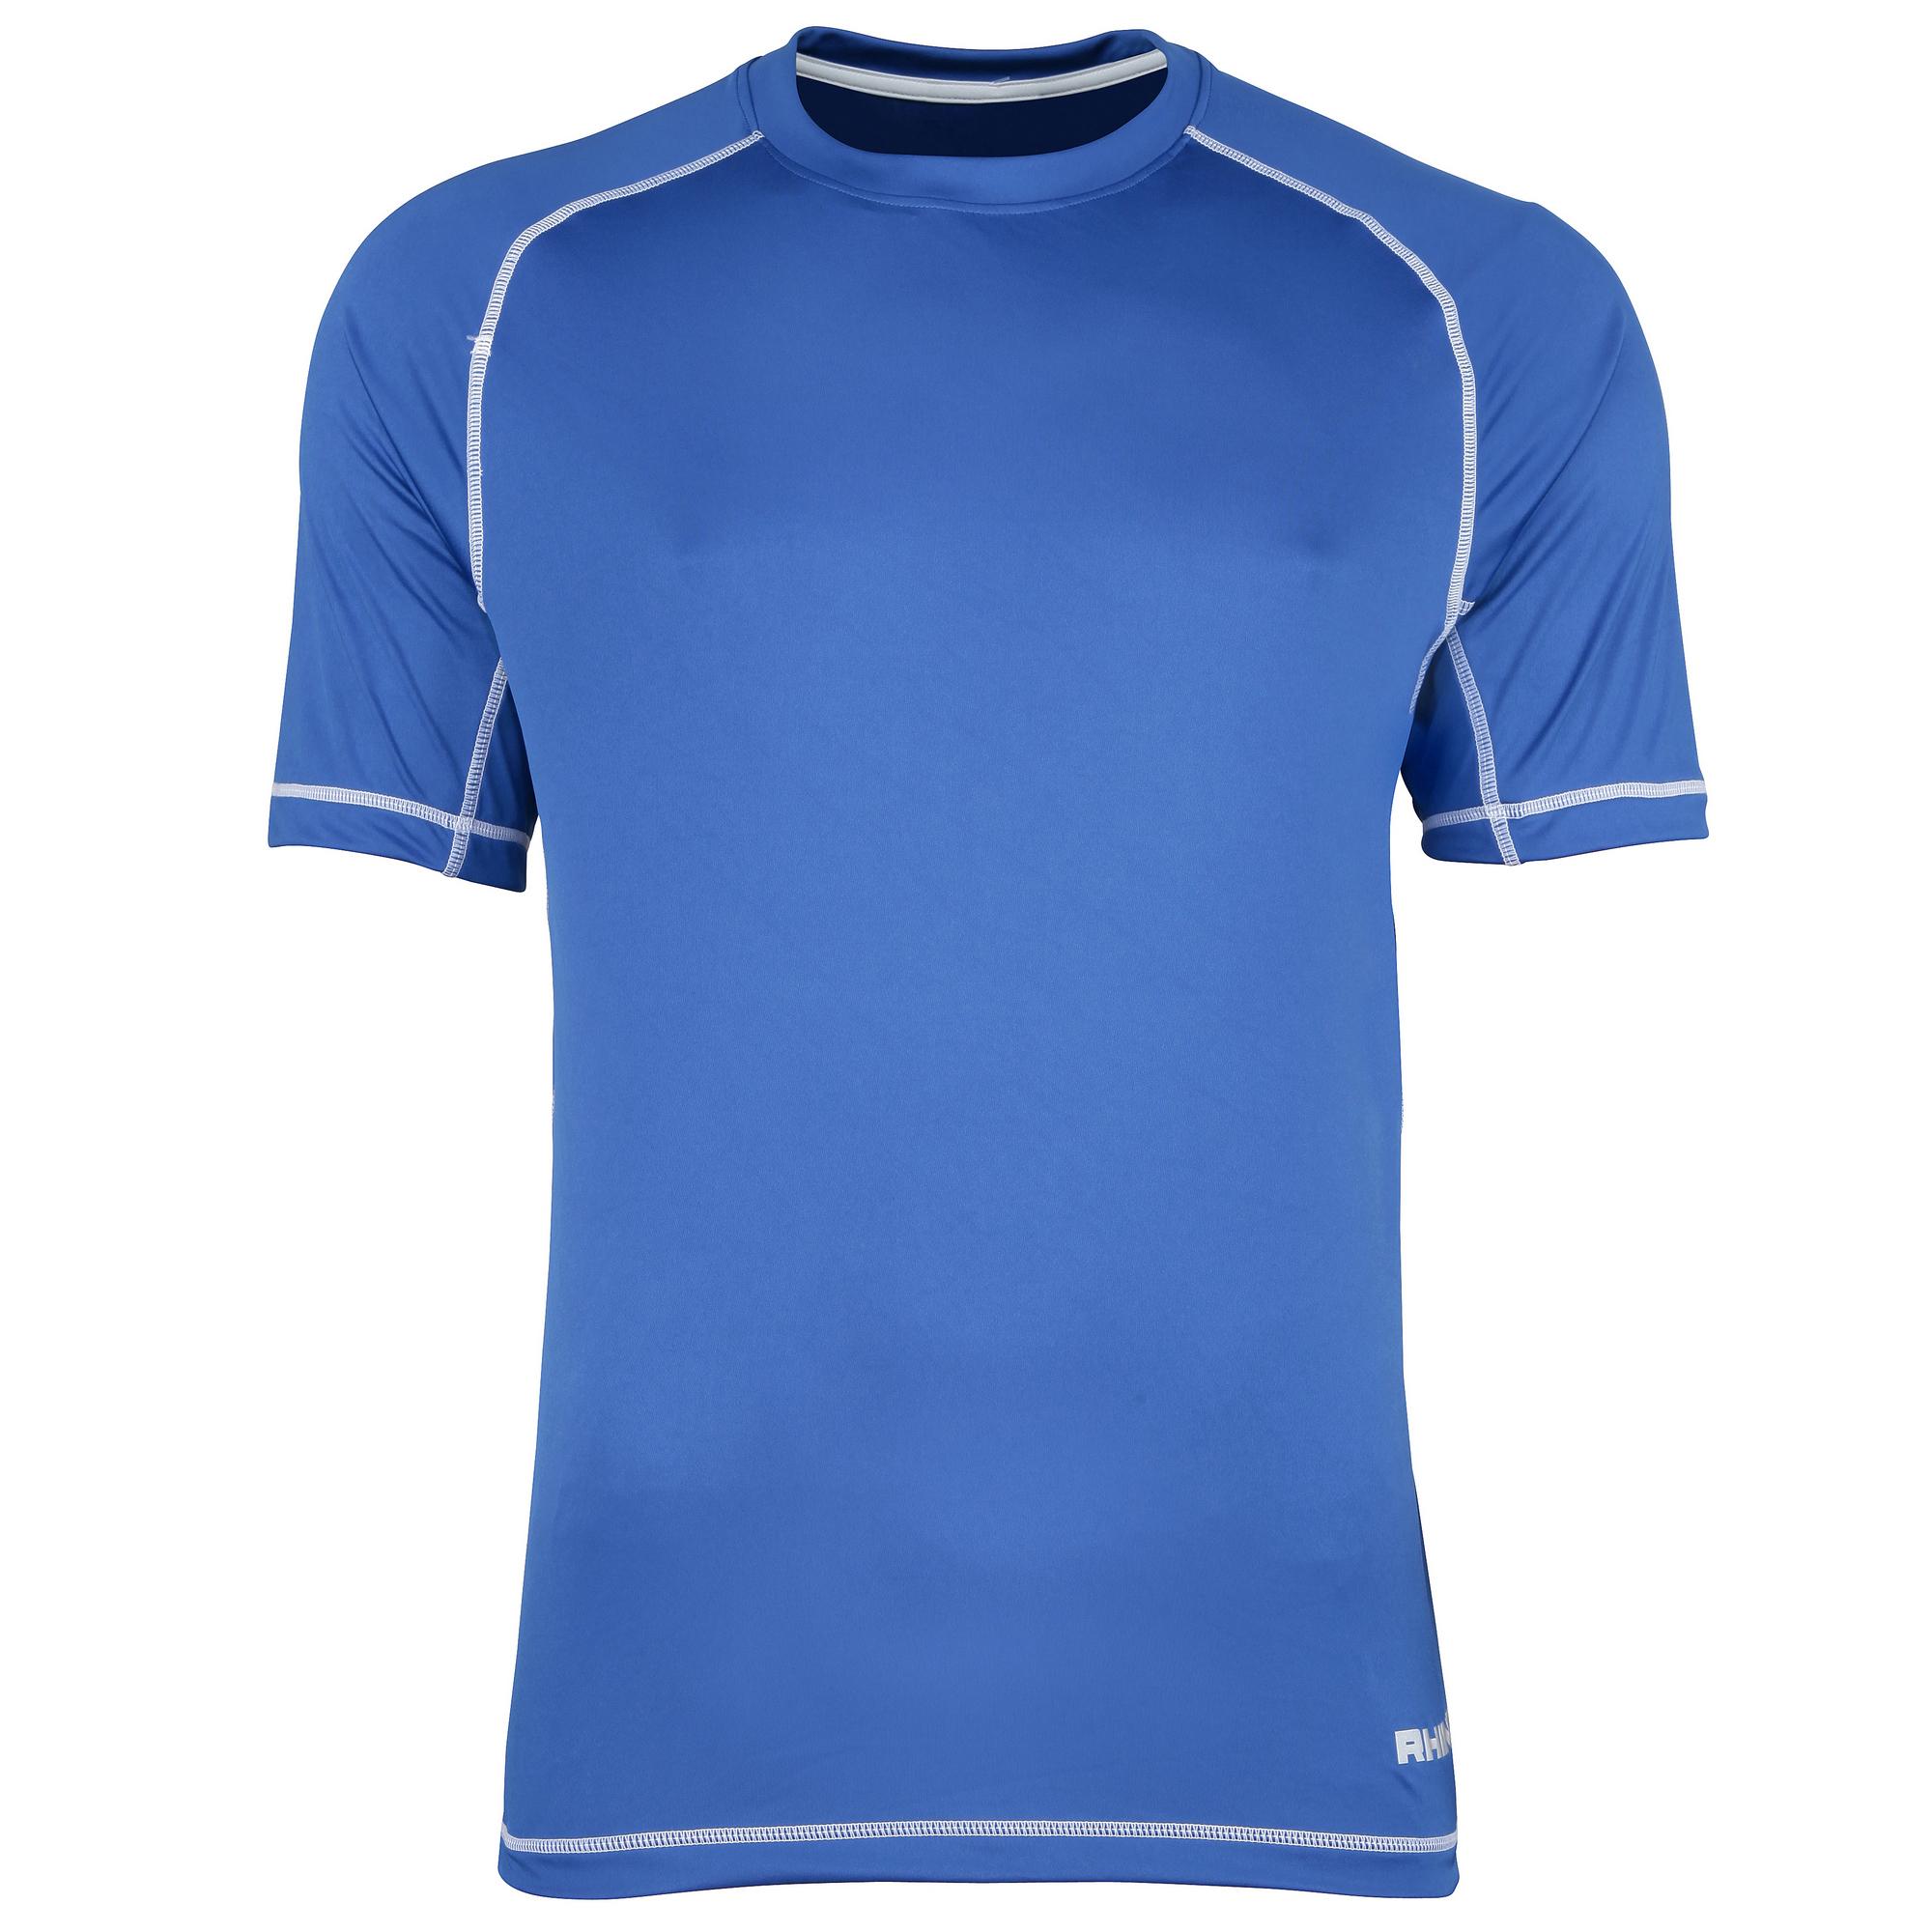 Rhino mens mercury breathable performance sports t shirt for Mens sport t shirts